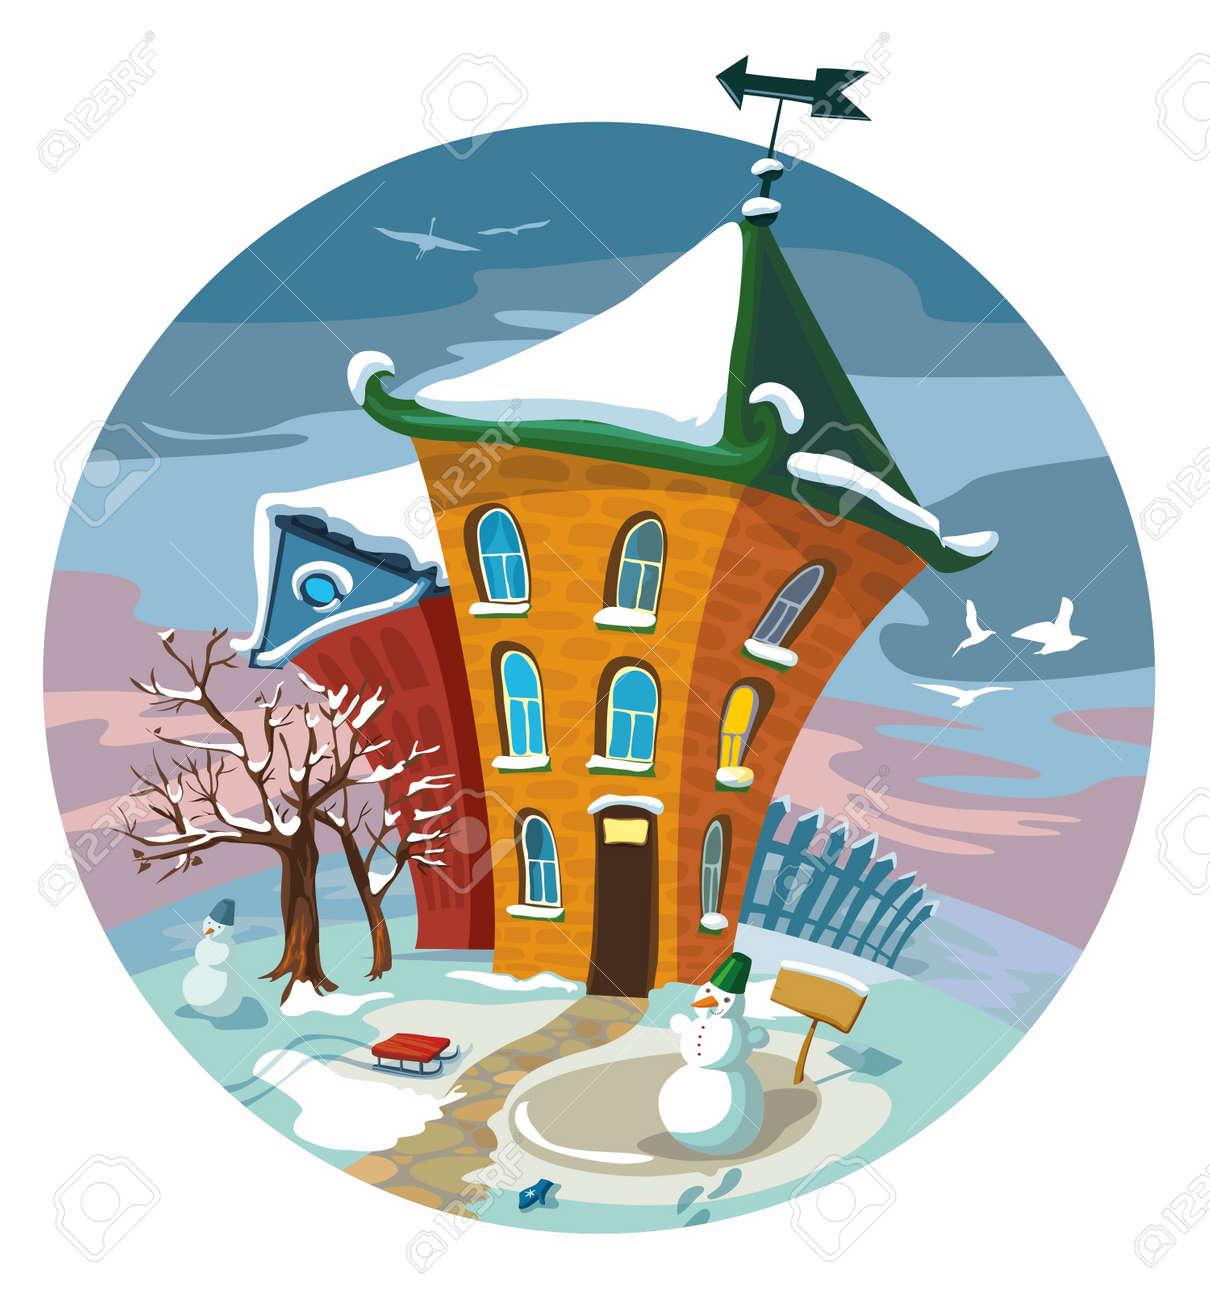 かわいい冬の小さな家 イラスト のイラスト素材 ベクタ Image